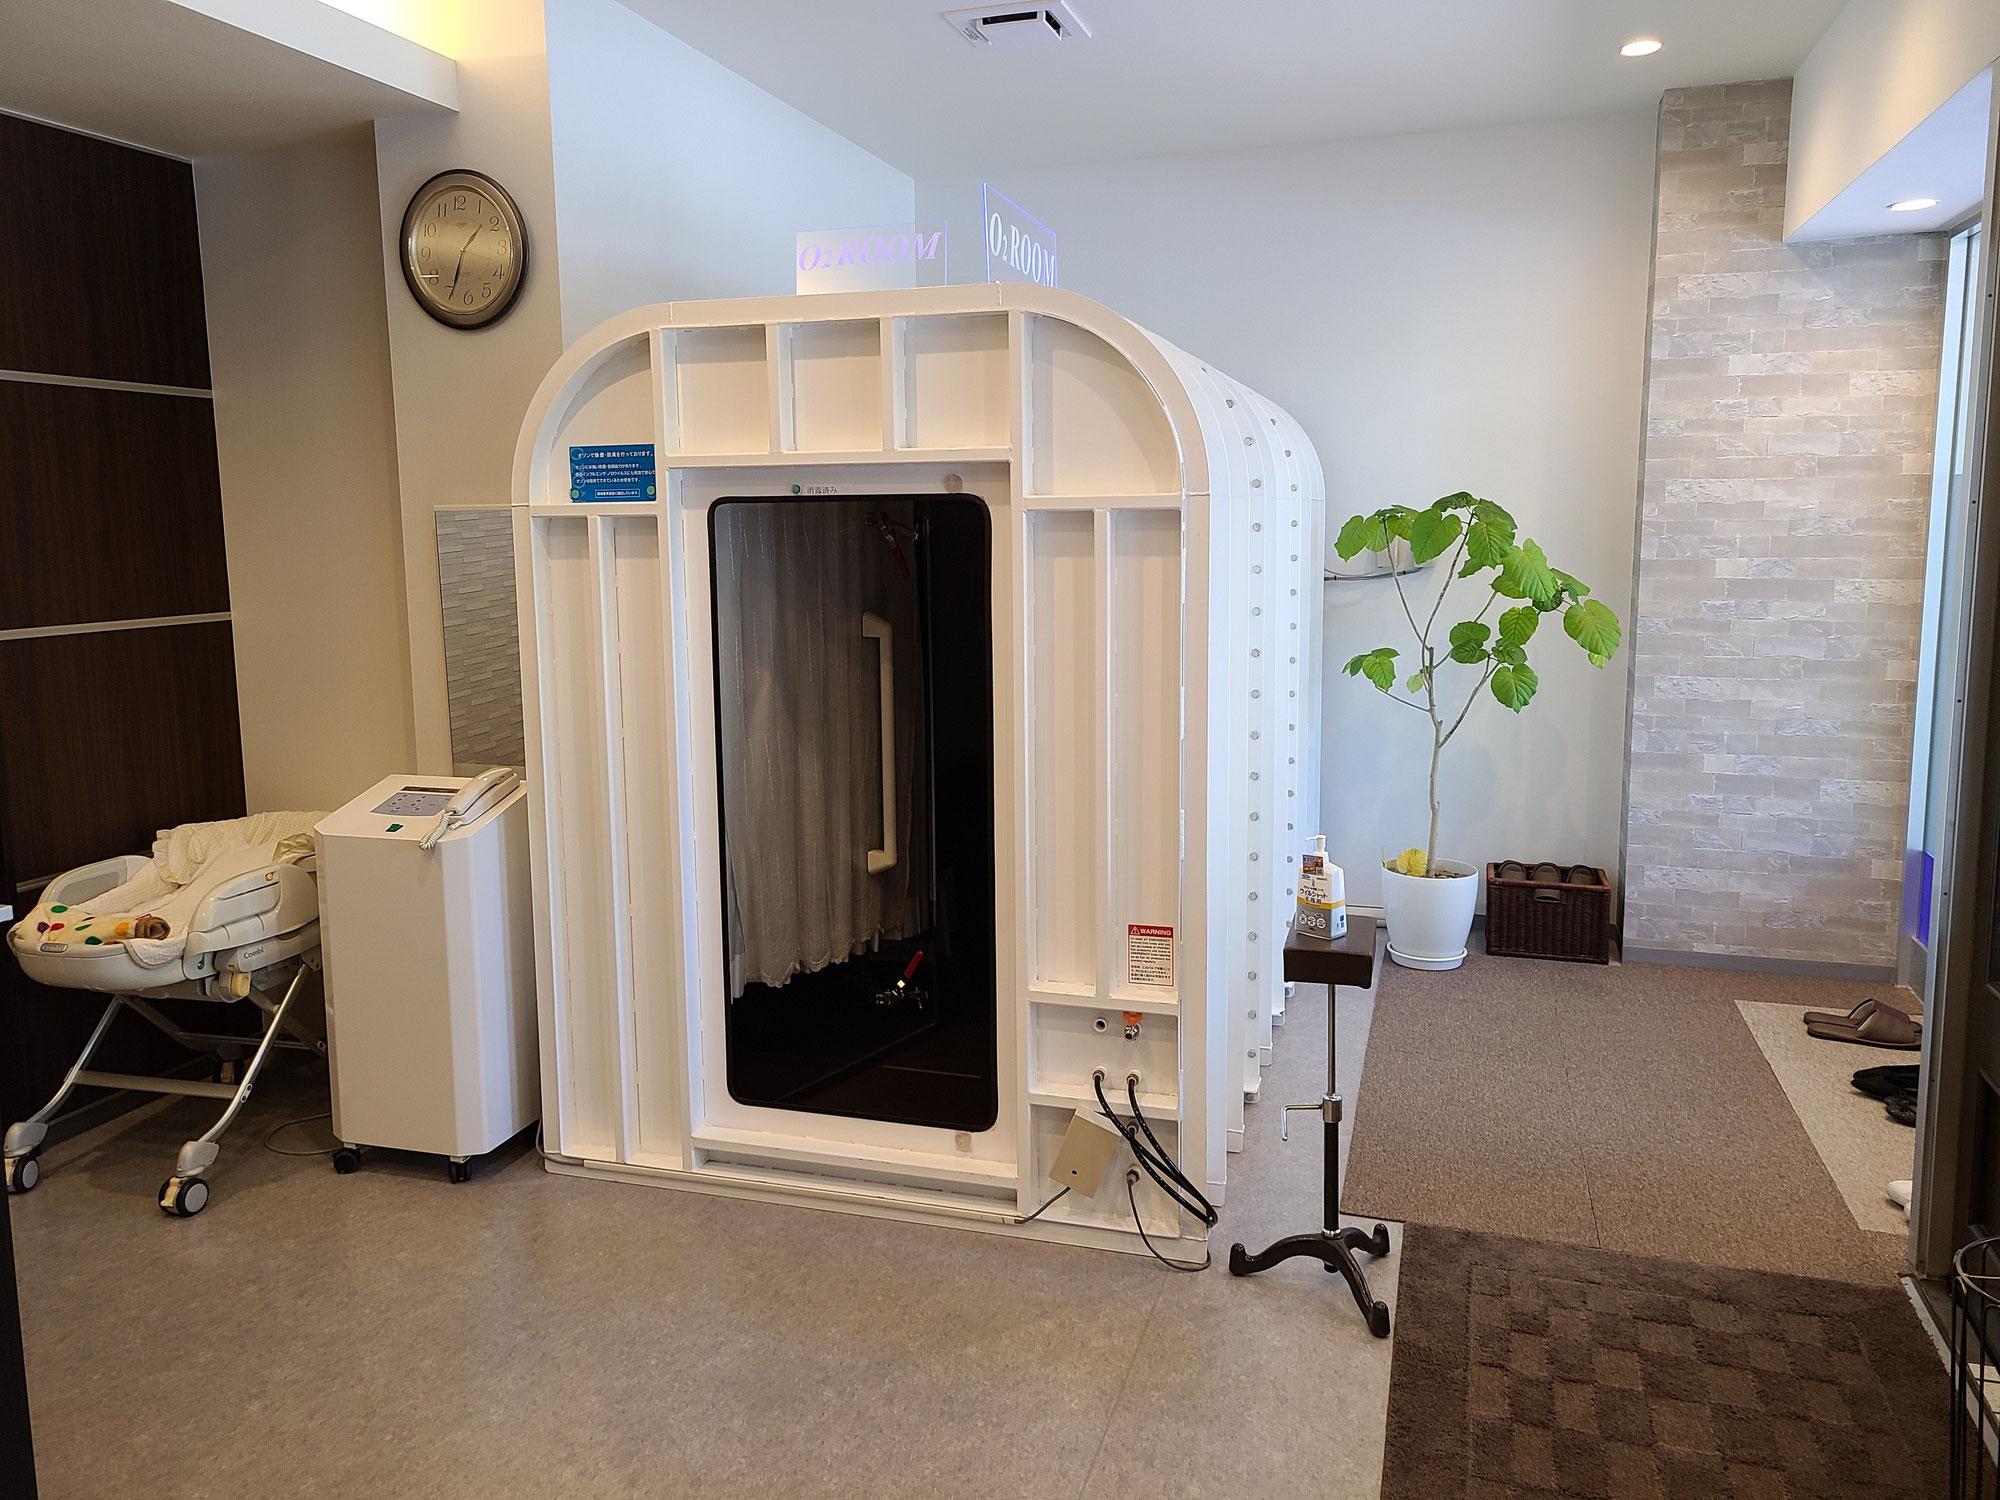 高気圧酸素ルームとはくば整骨院の整体で夏の暑さから来る不調を改善しましょう!